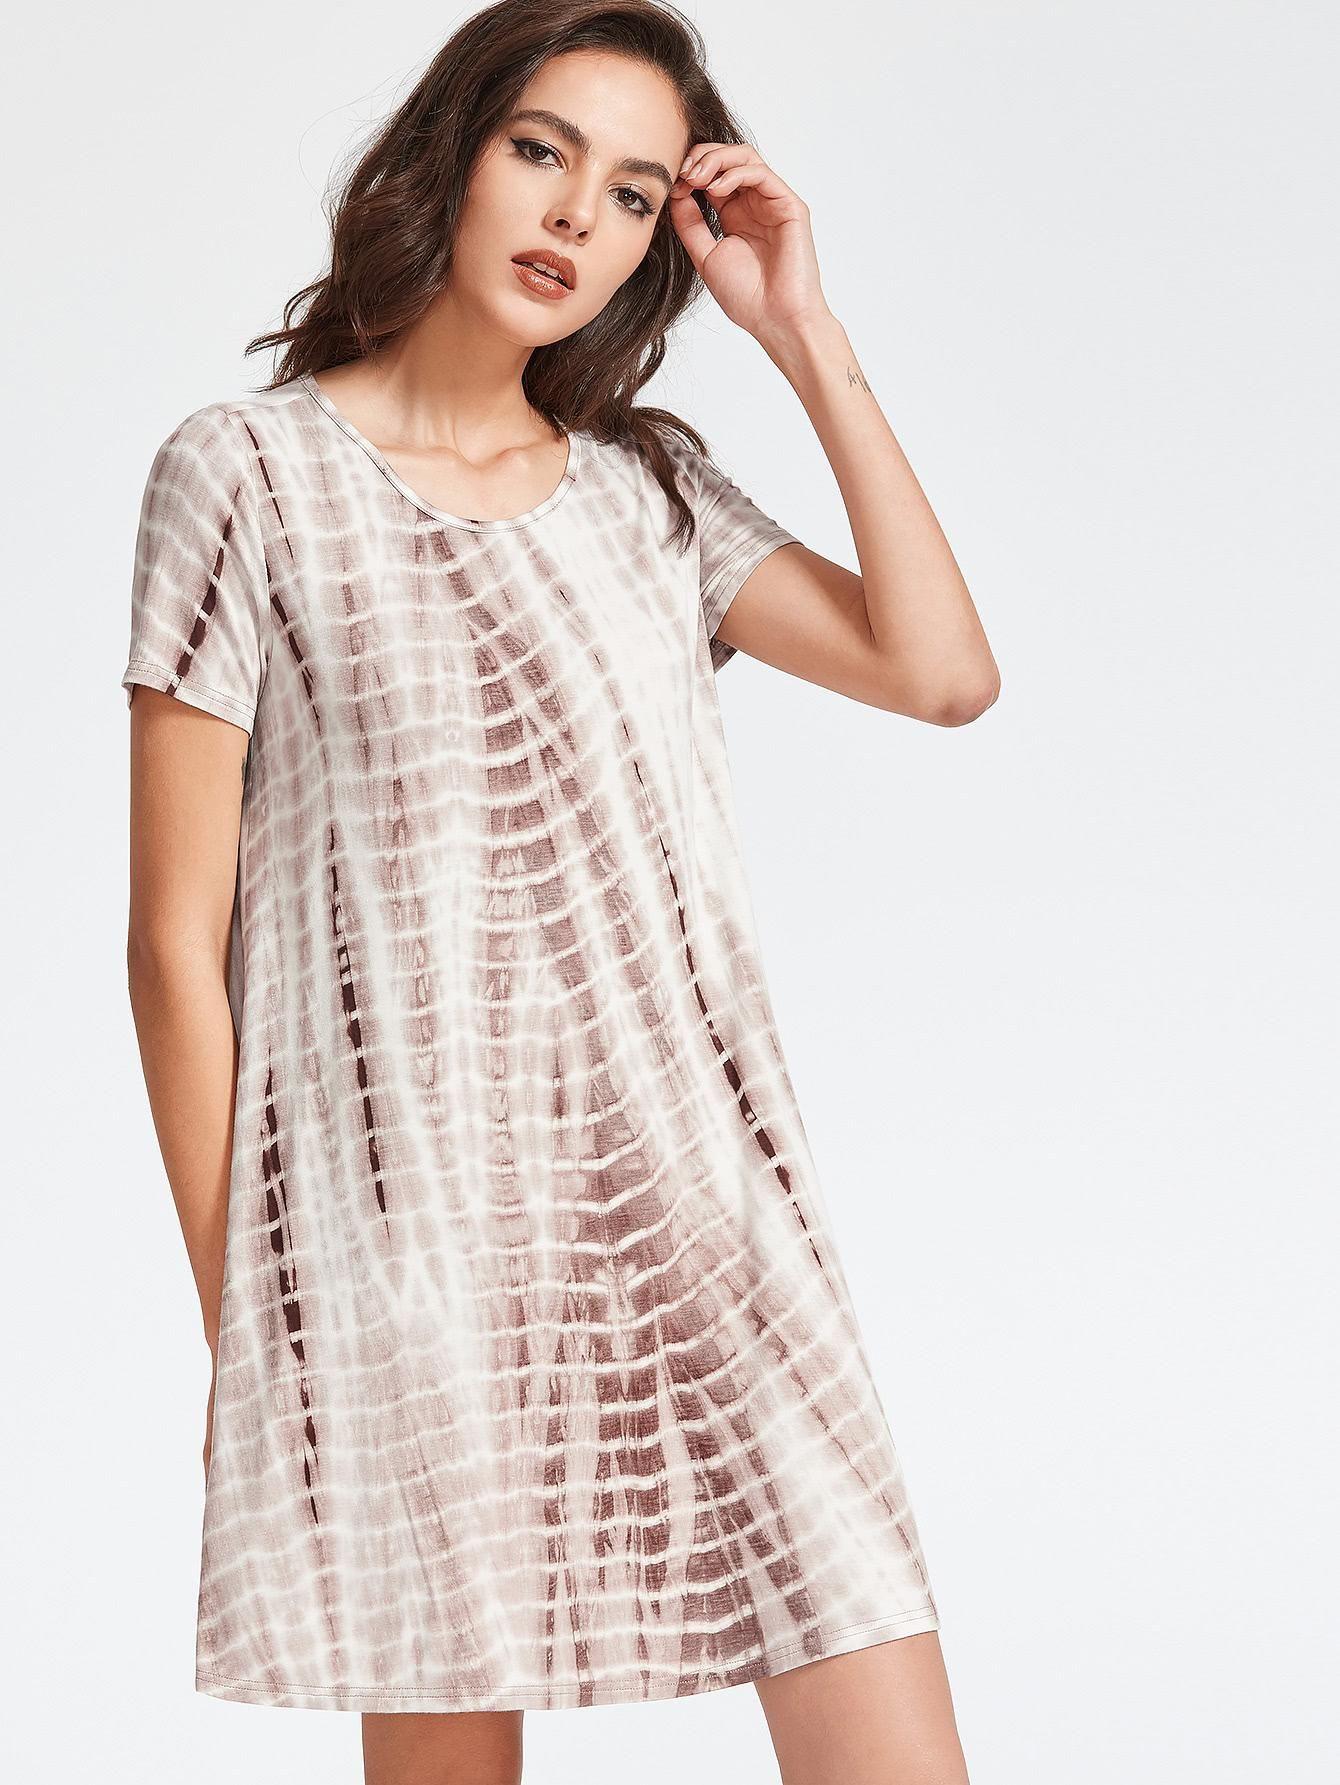 MakeMeChic - MAKEMECHIC Coffee Tie Dye Print Swing Tee Dress - AdoreWe.com